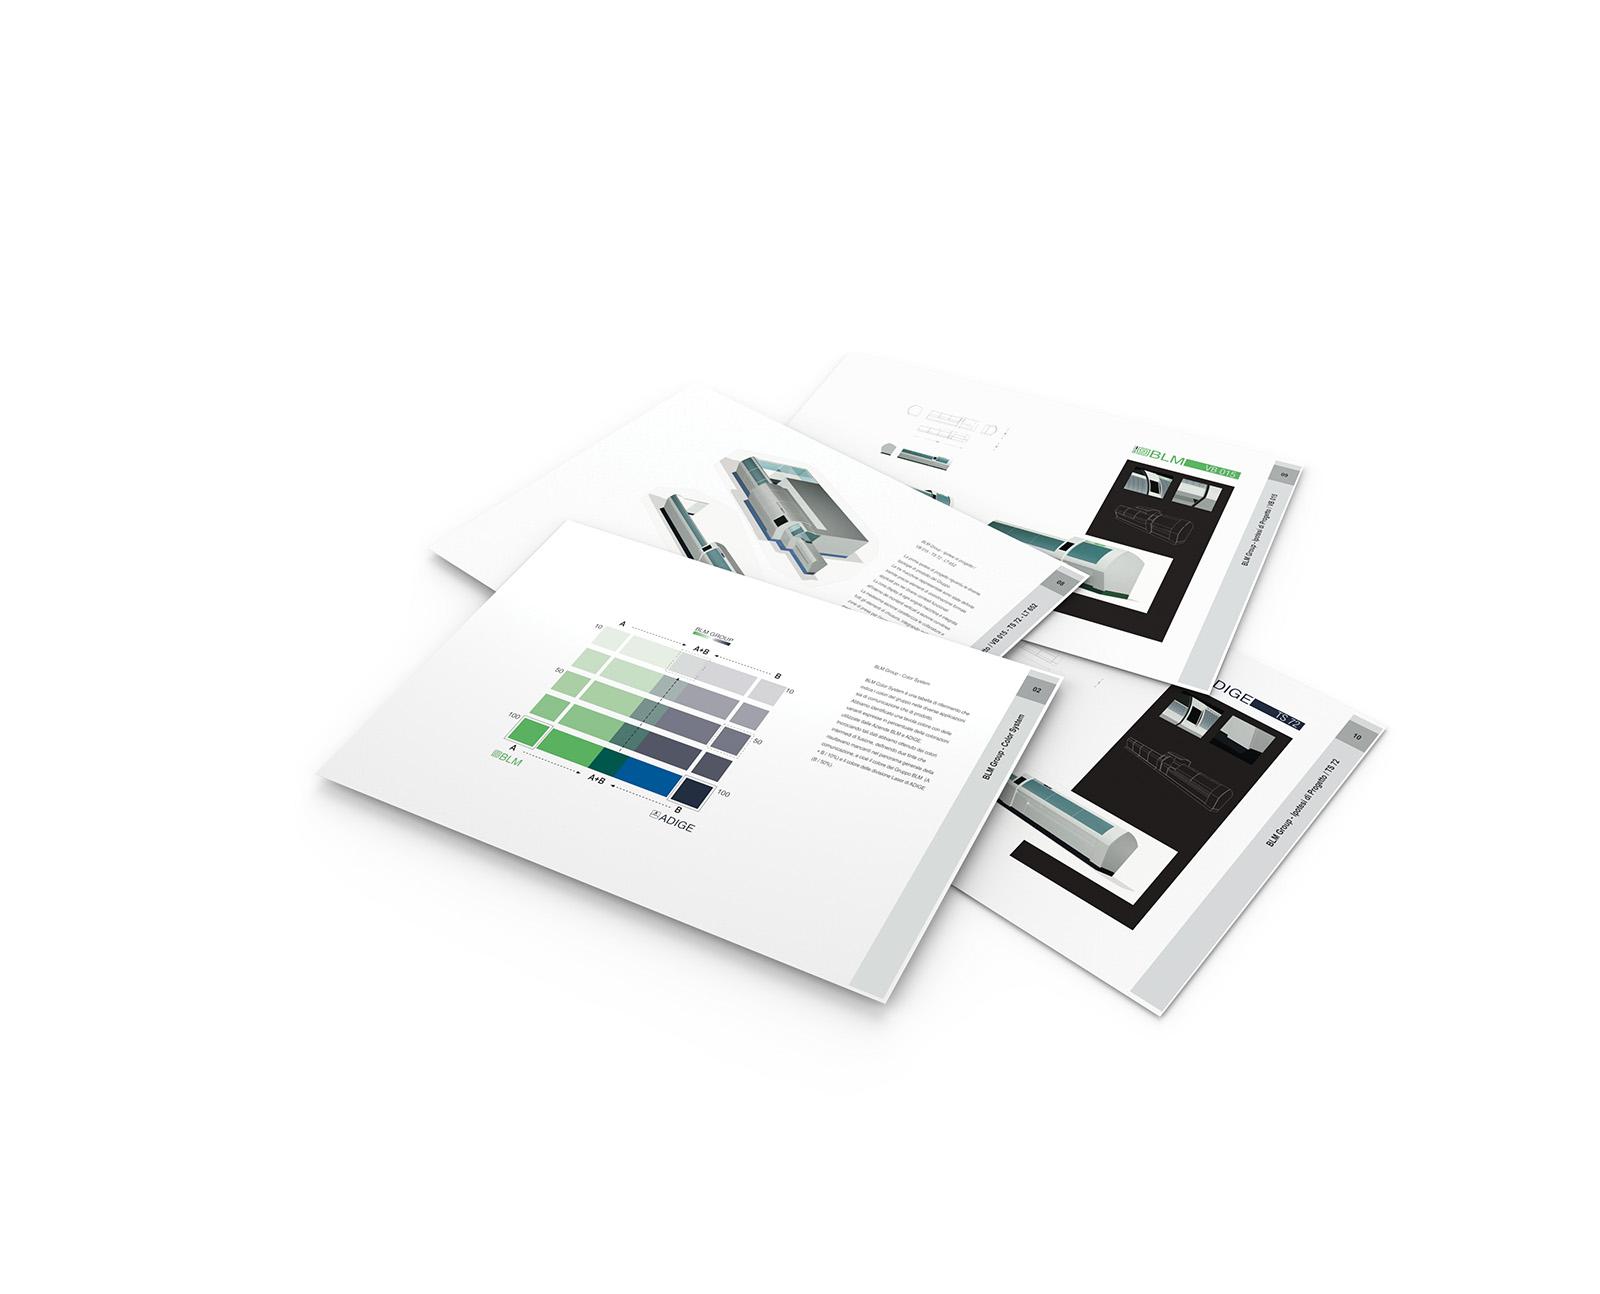 Progettazione manuale design e Identity family BLM Group